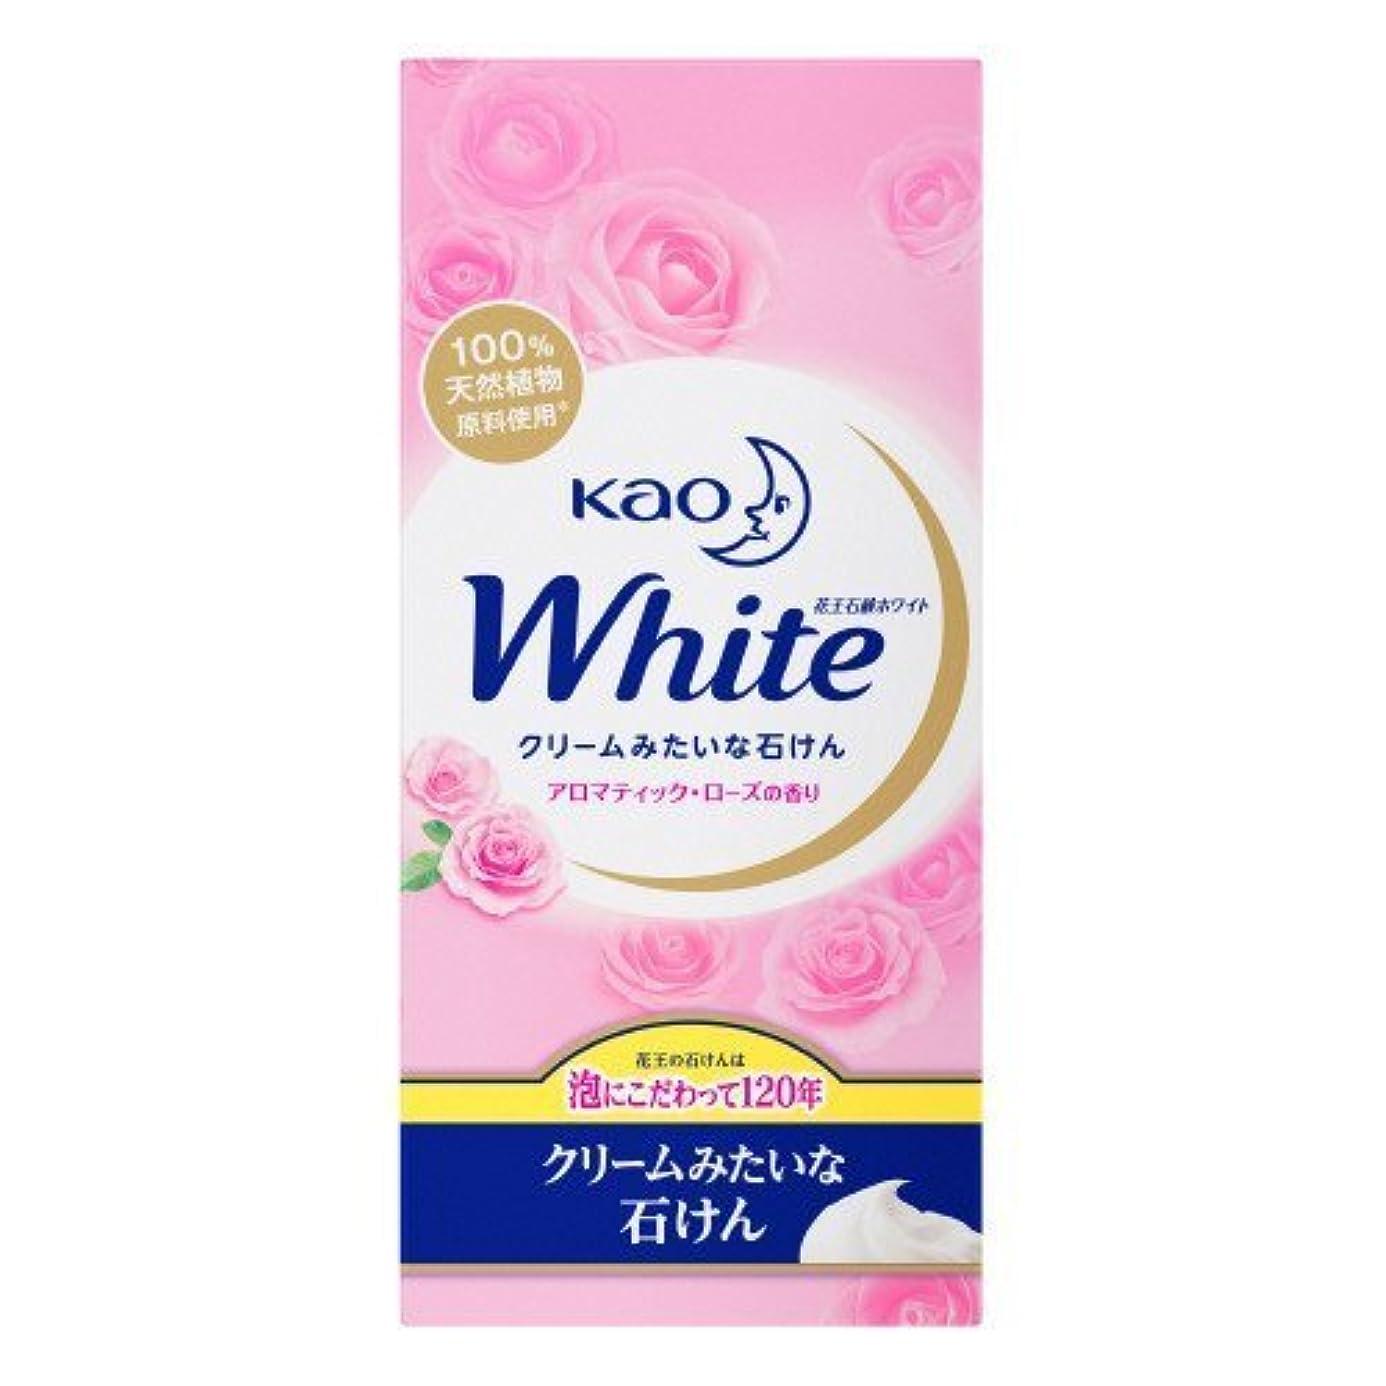 かまど追う生き物【花王】花王ホワイト アロマティックローズの香りレギュラーサイズ (85g×6個) ×10個セット